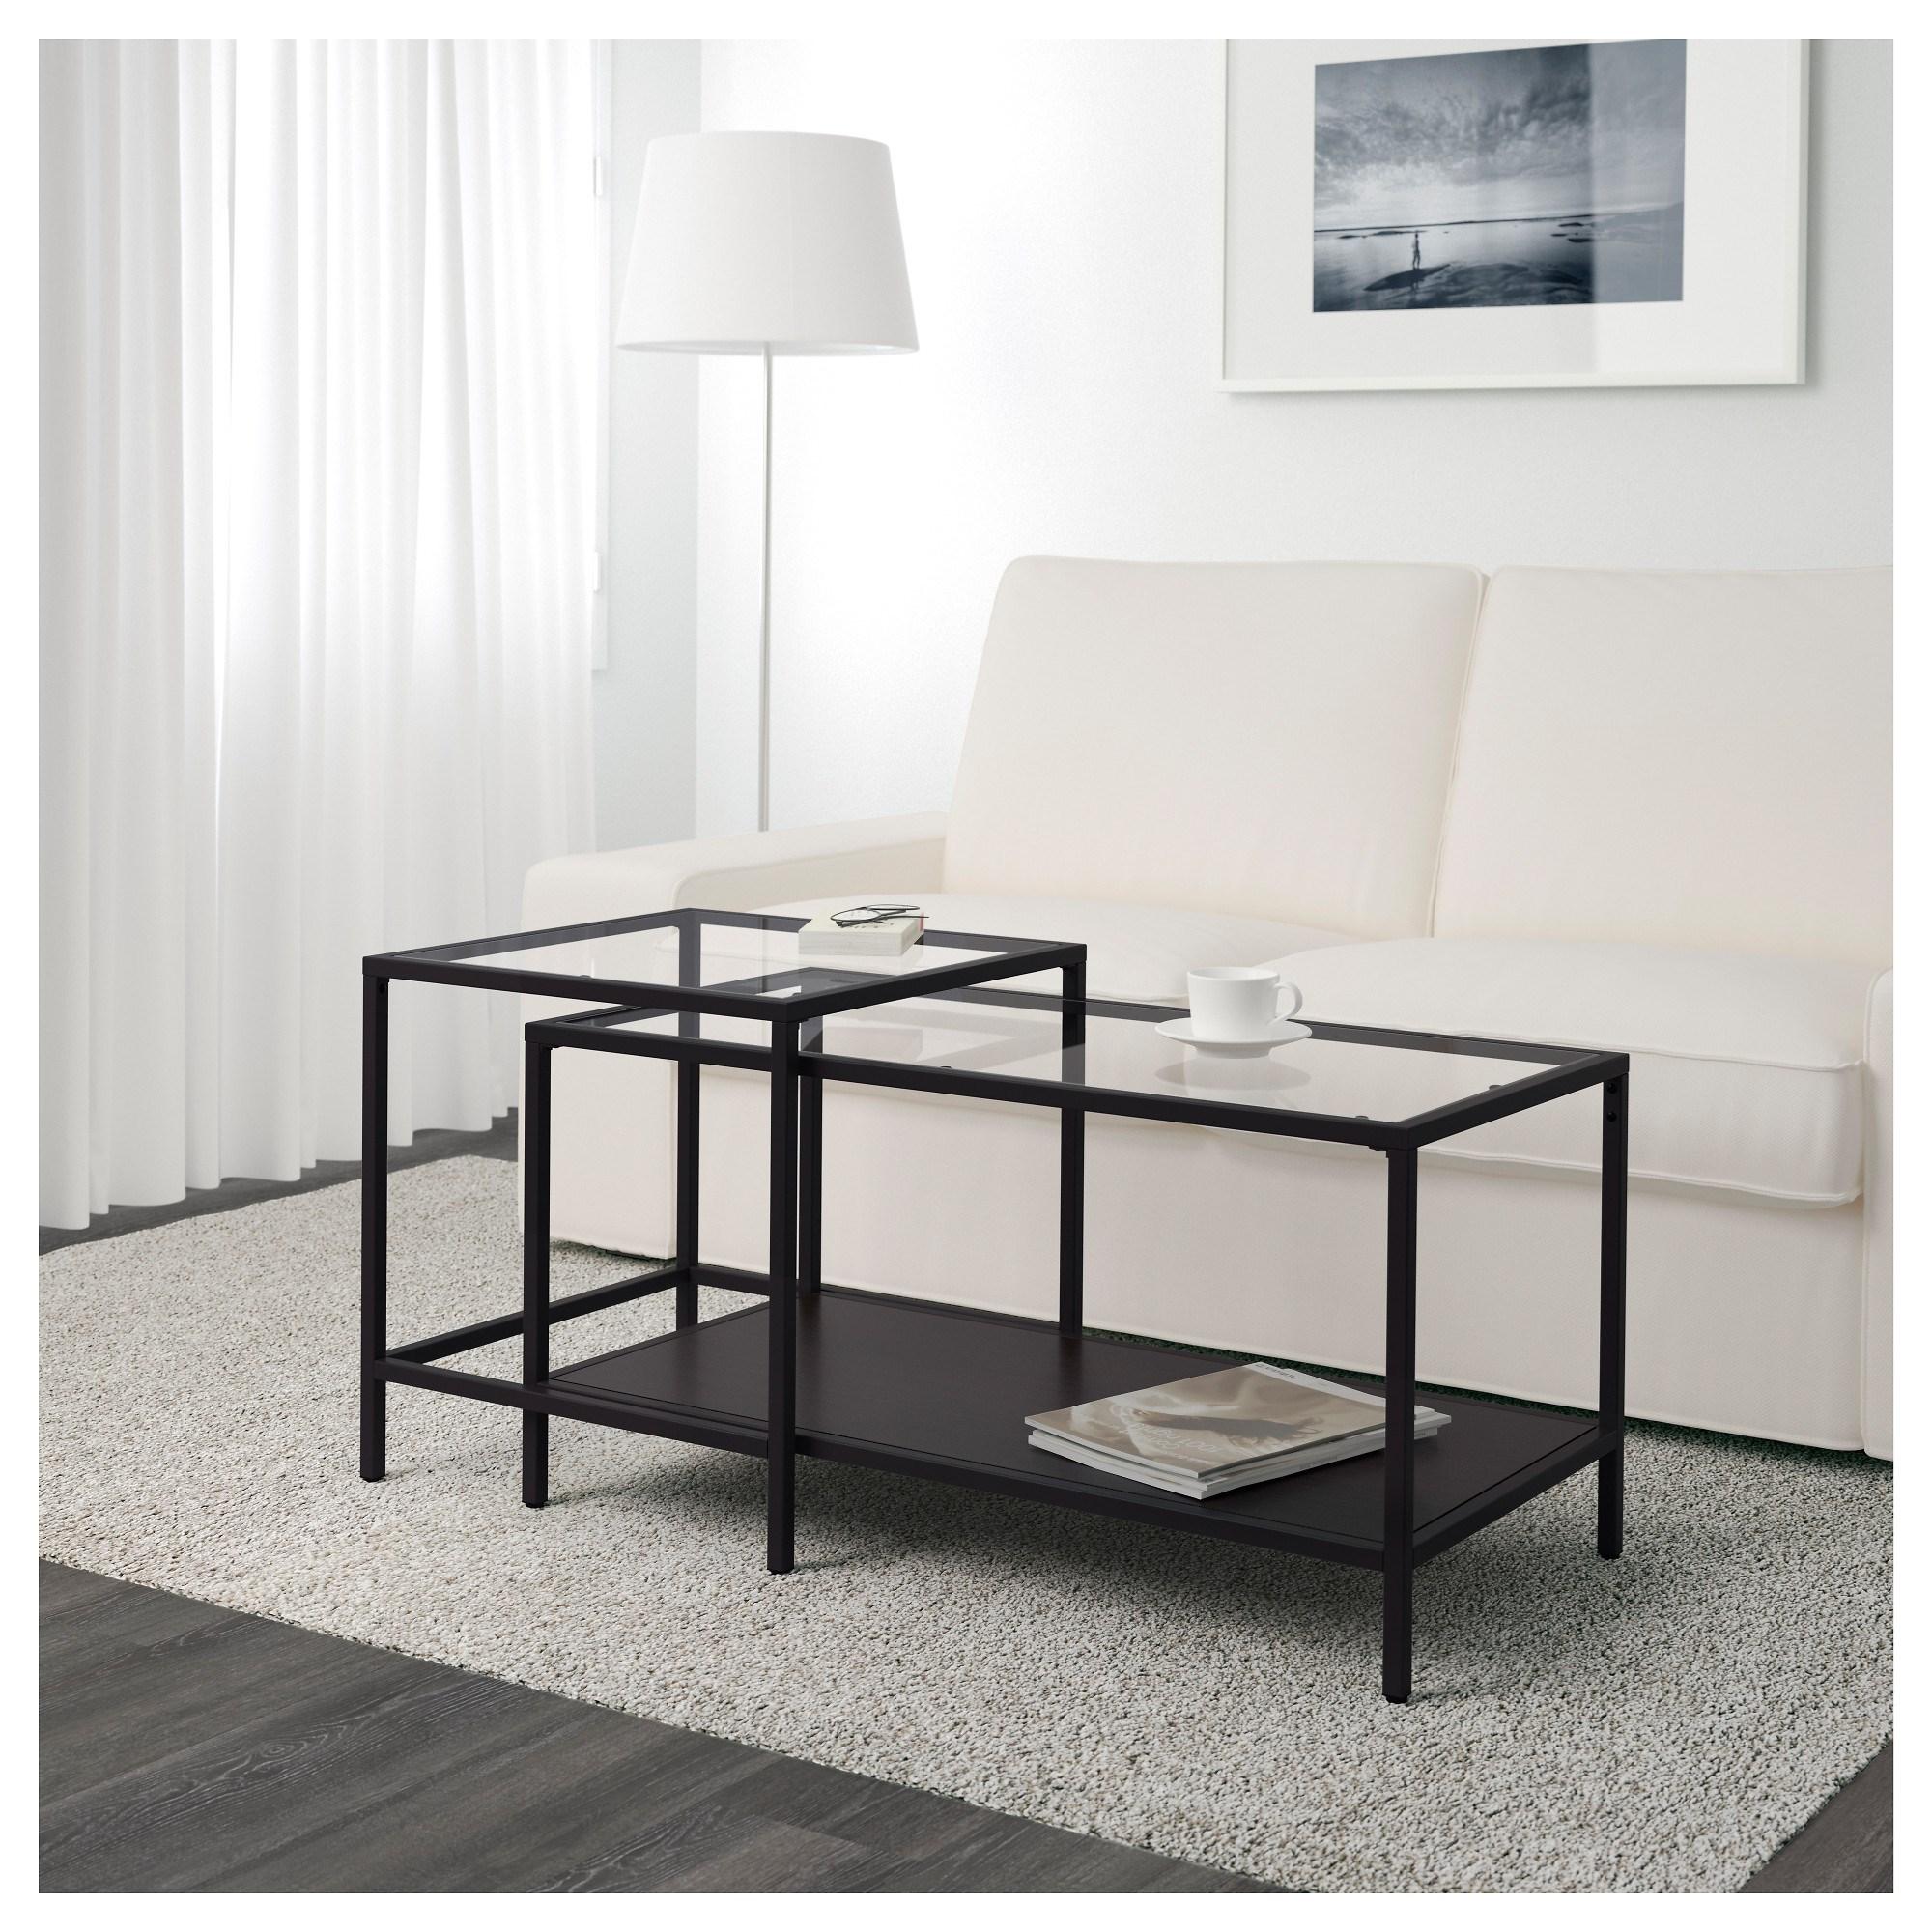 Vittsjo Orta Sehpa Venge Cam 90x50 Cm Ikea Oturma Odalari